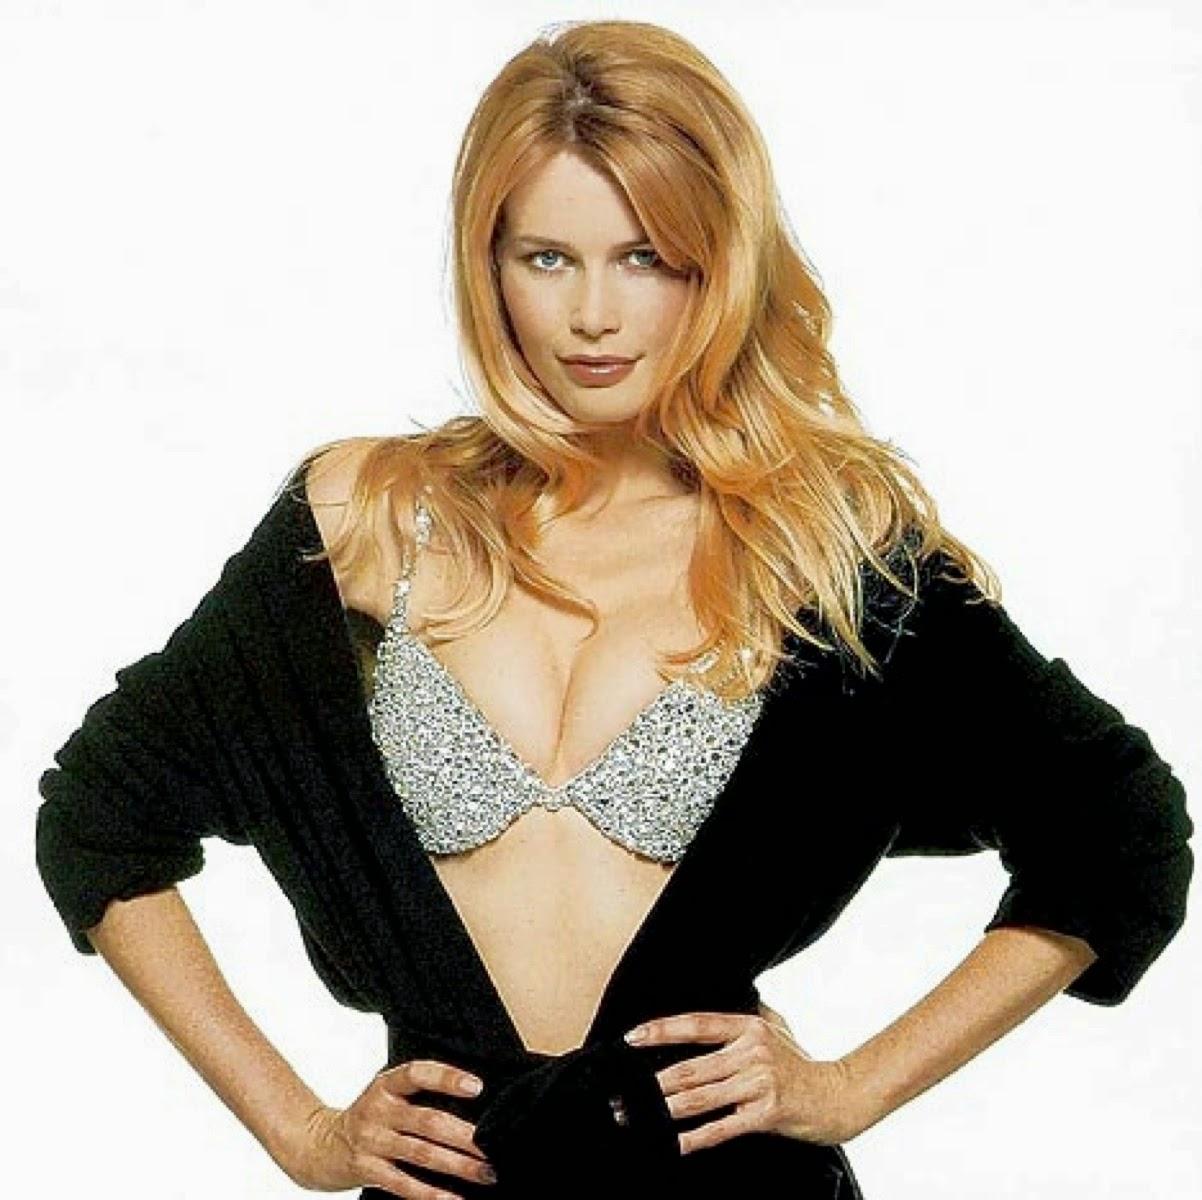 Claudia Schiffer - Million Dollar Miracle Bra (1996)